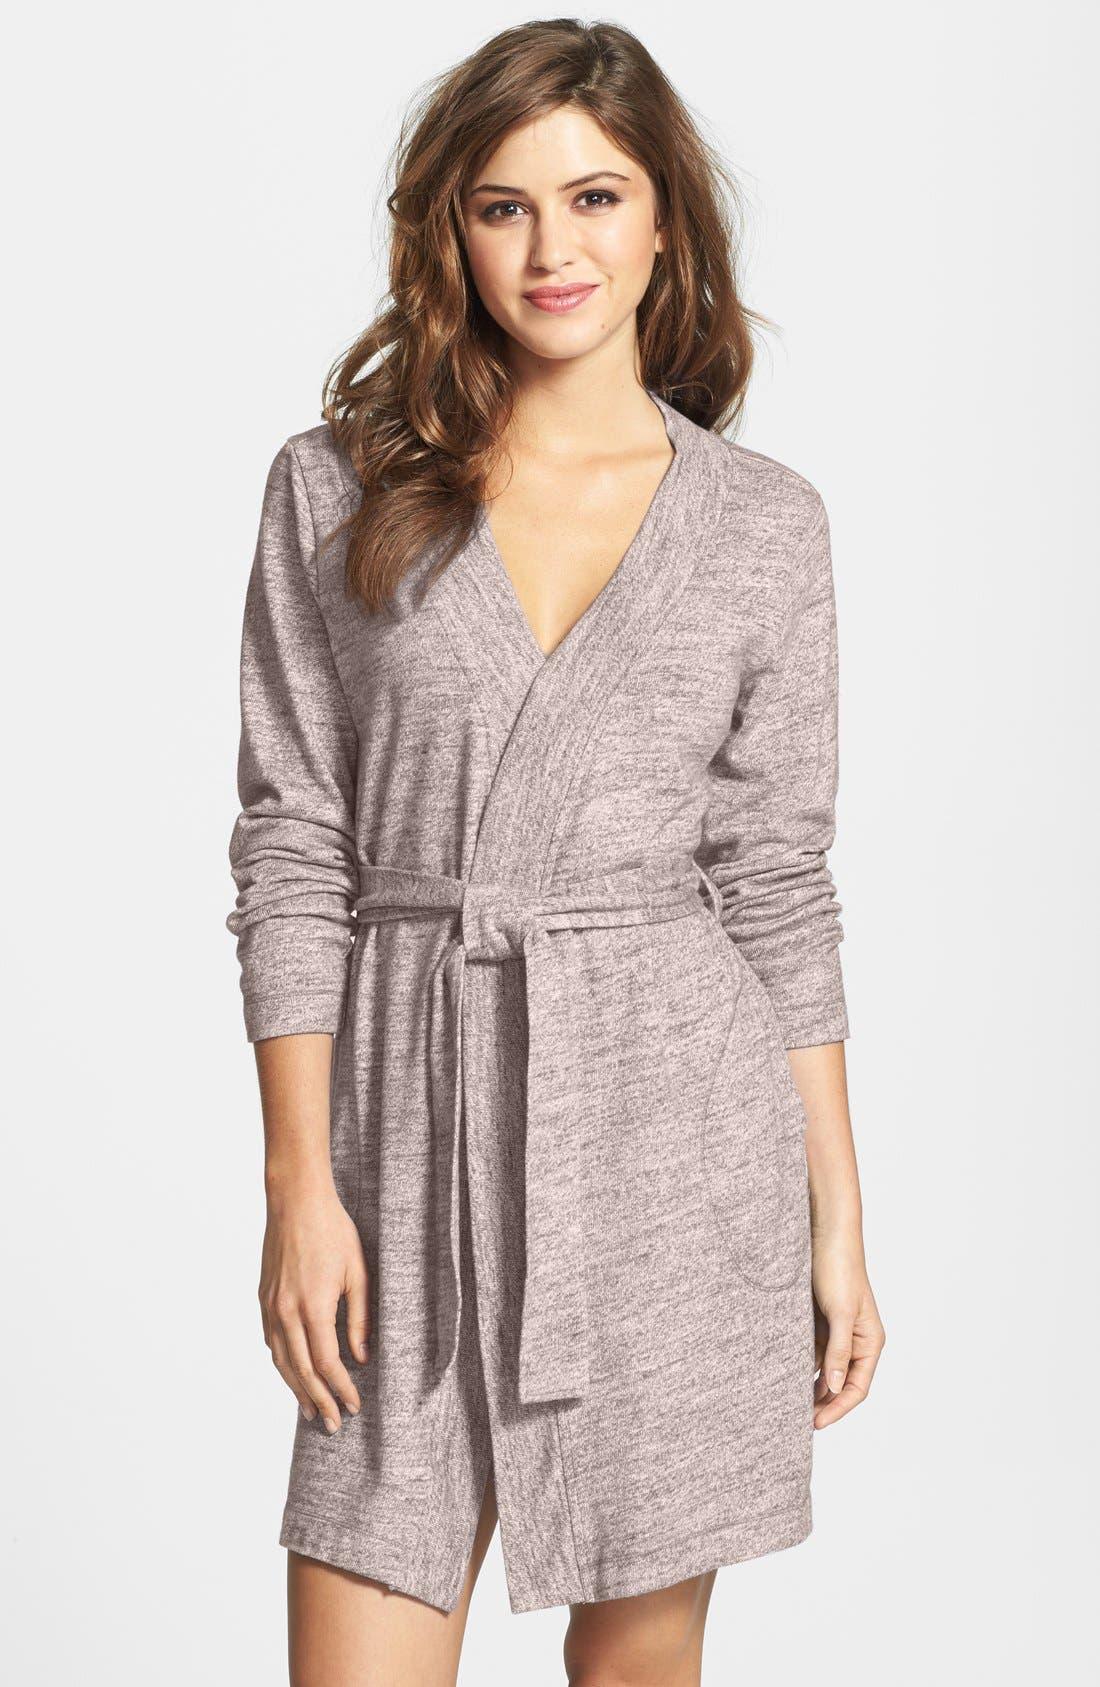 UGG<SUP>®</SUP> Australia 'Evelynn' Slub Knit Robe, Main, color, 217